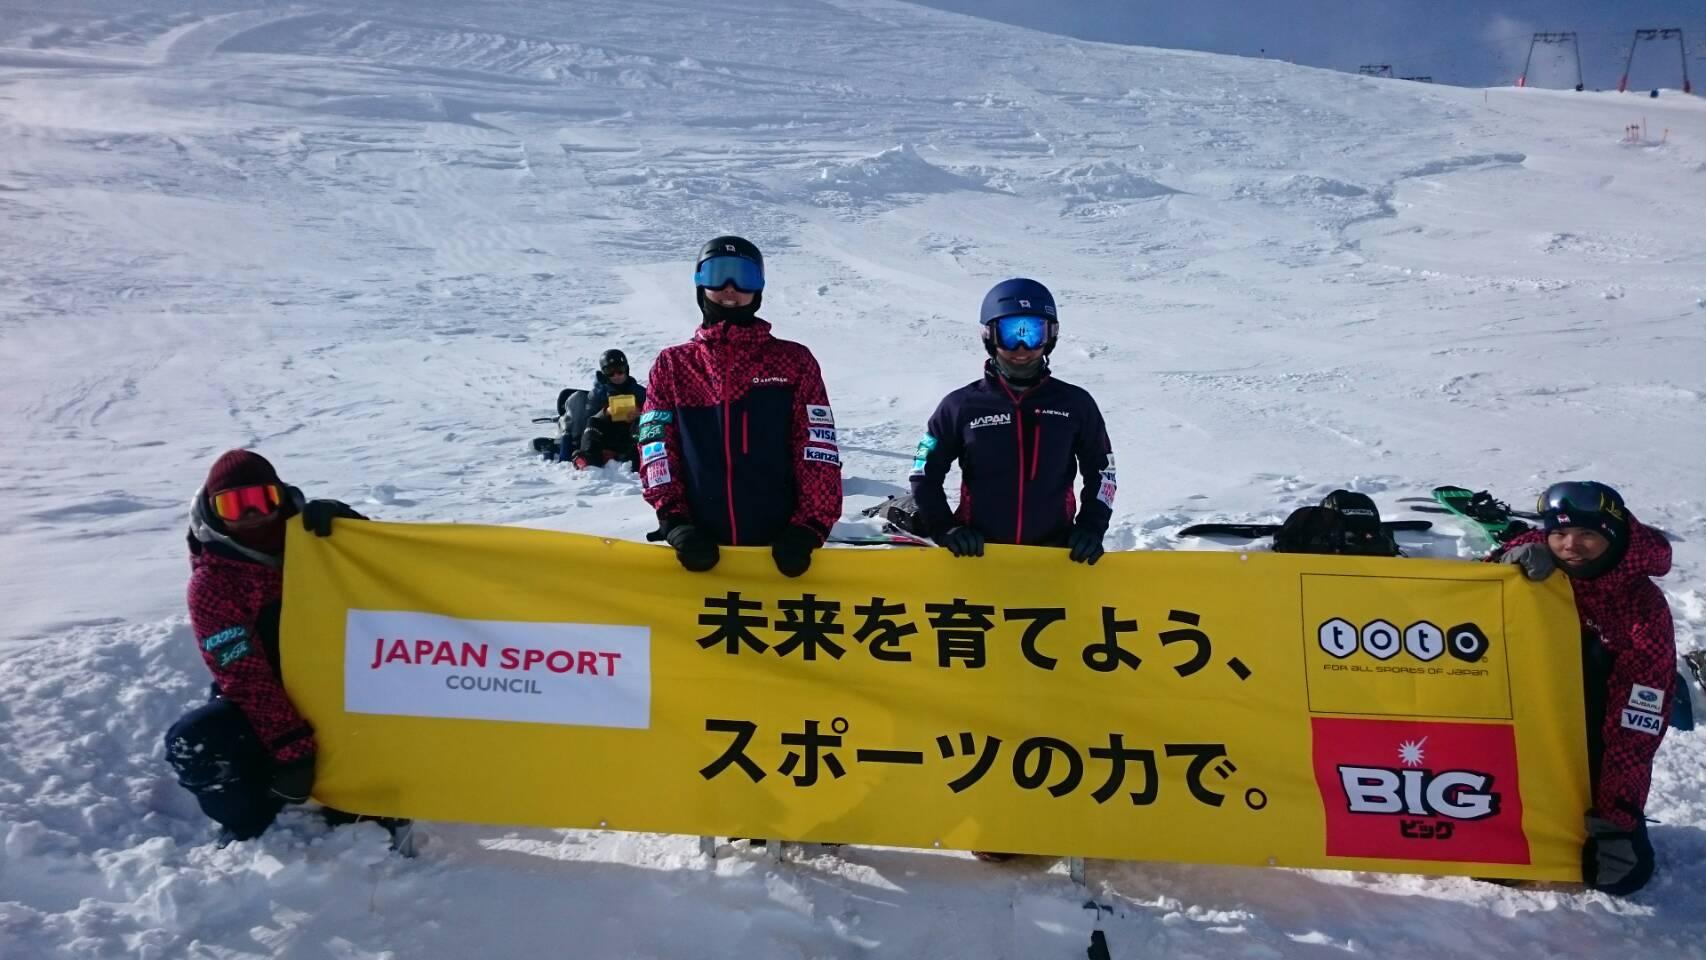 第5次スノーボード競技(SBX)タレント発掘育成事業遠征